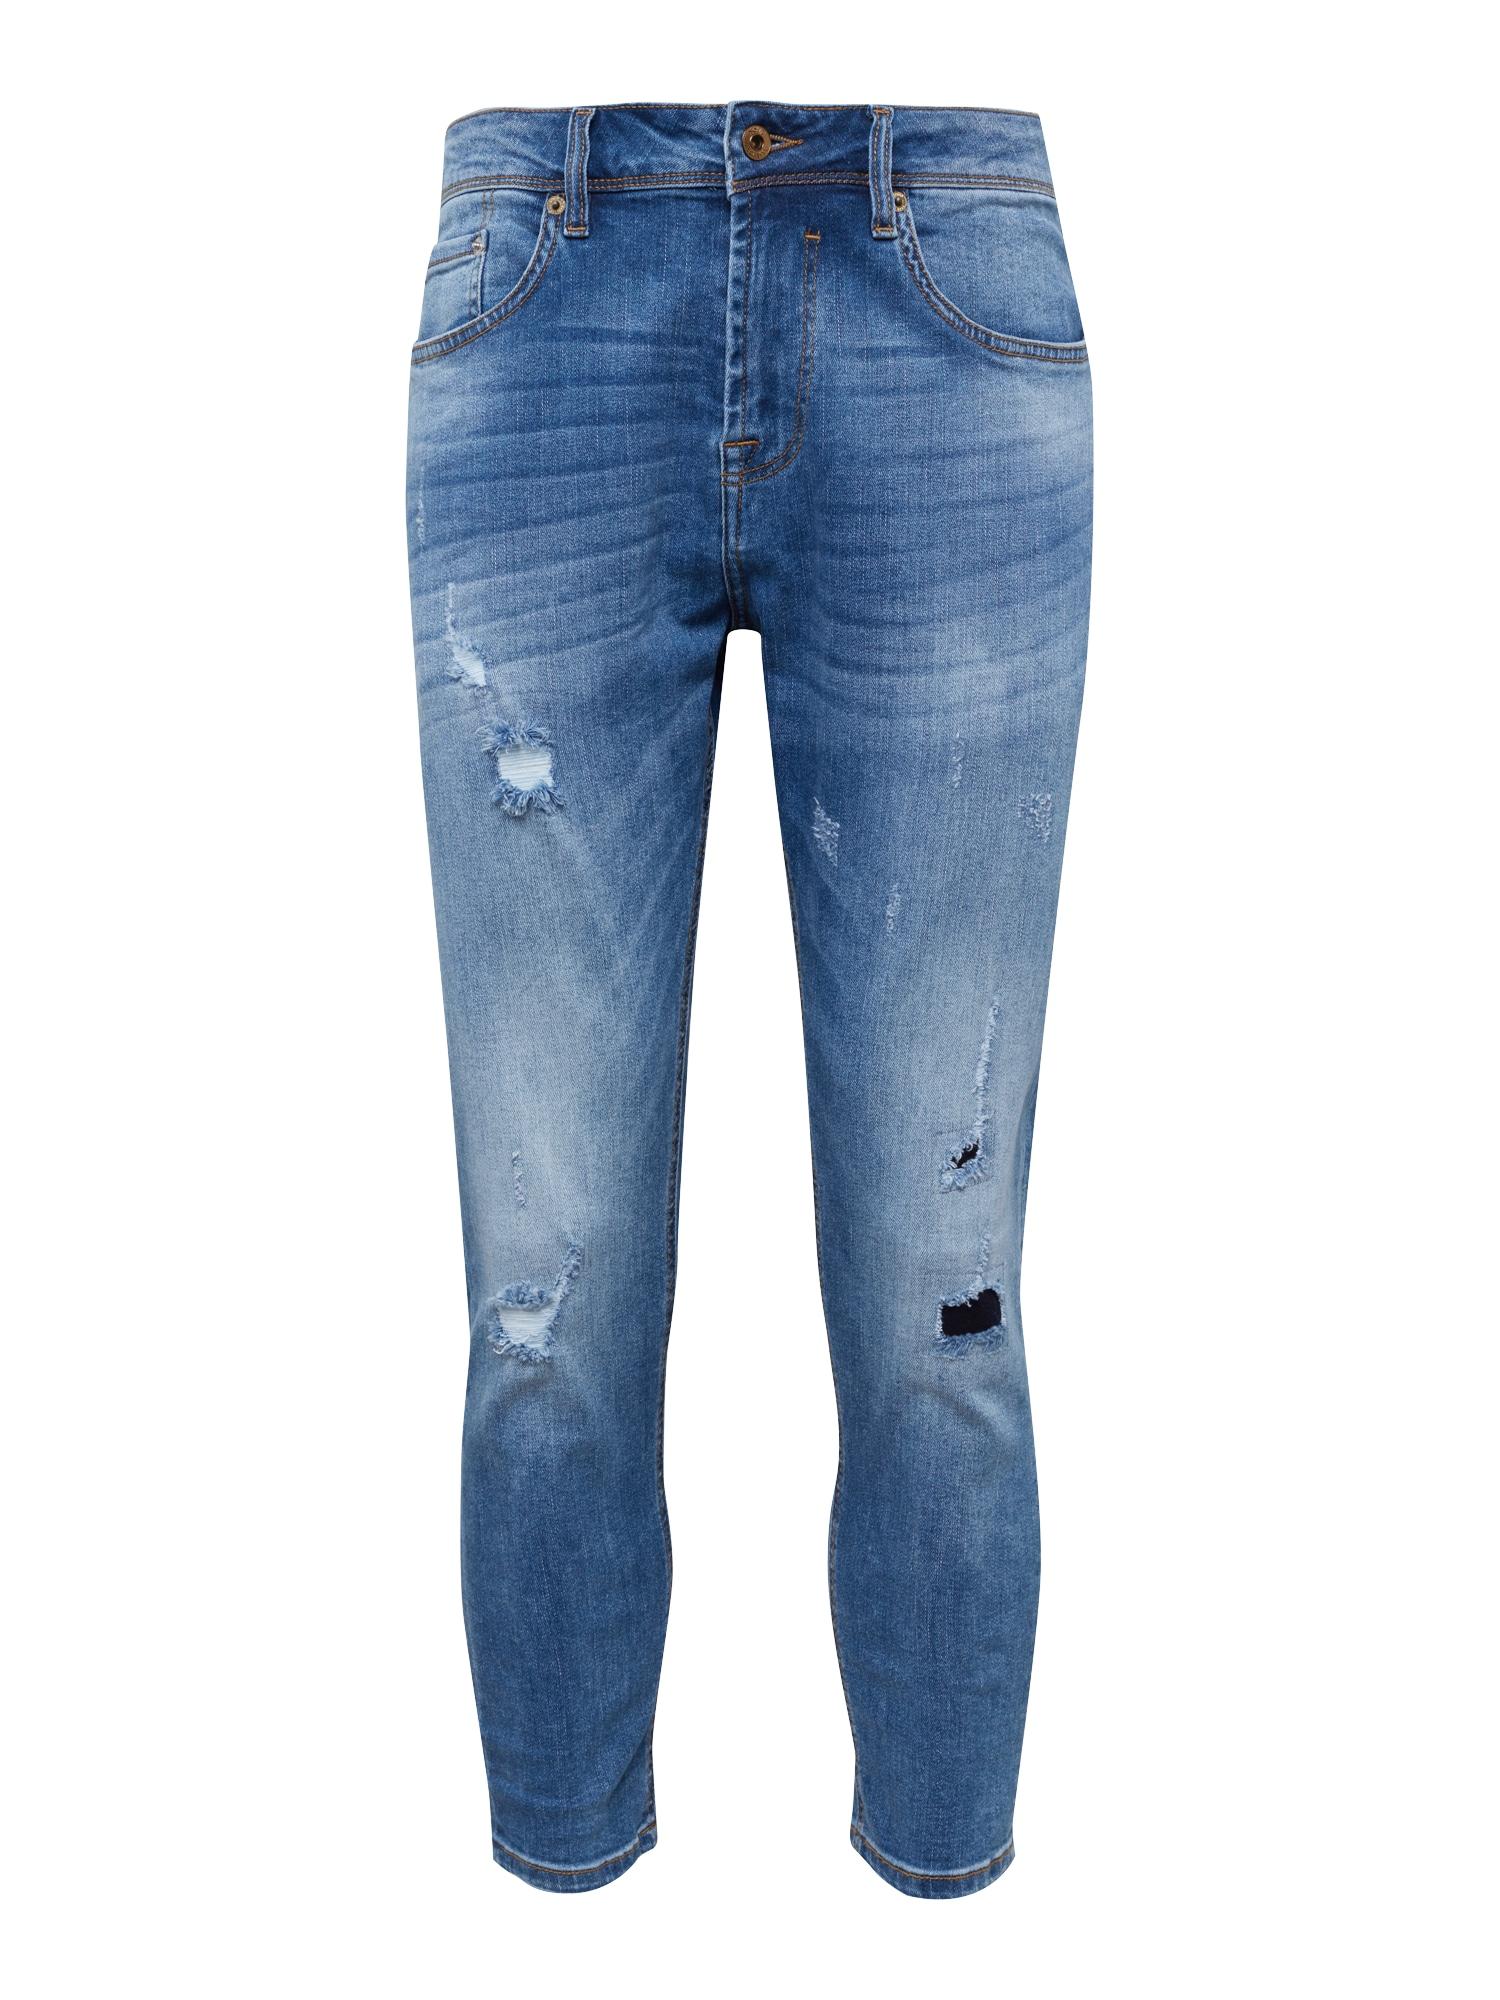 Džíny LOWCROTCH-FRANK BLUE1 modrá džínovina !Solid